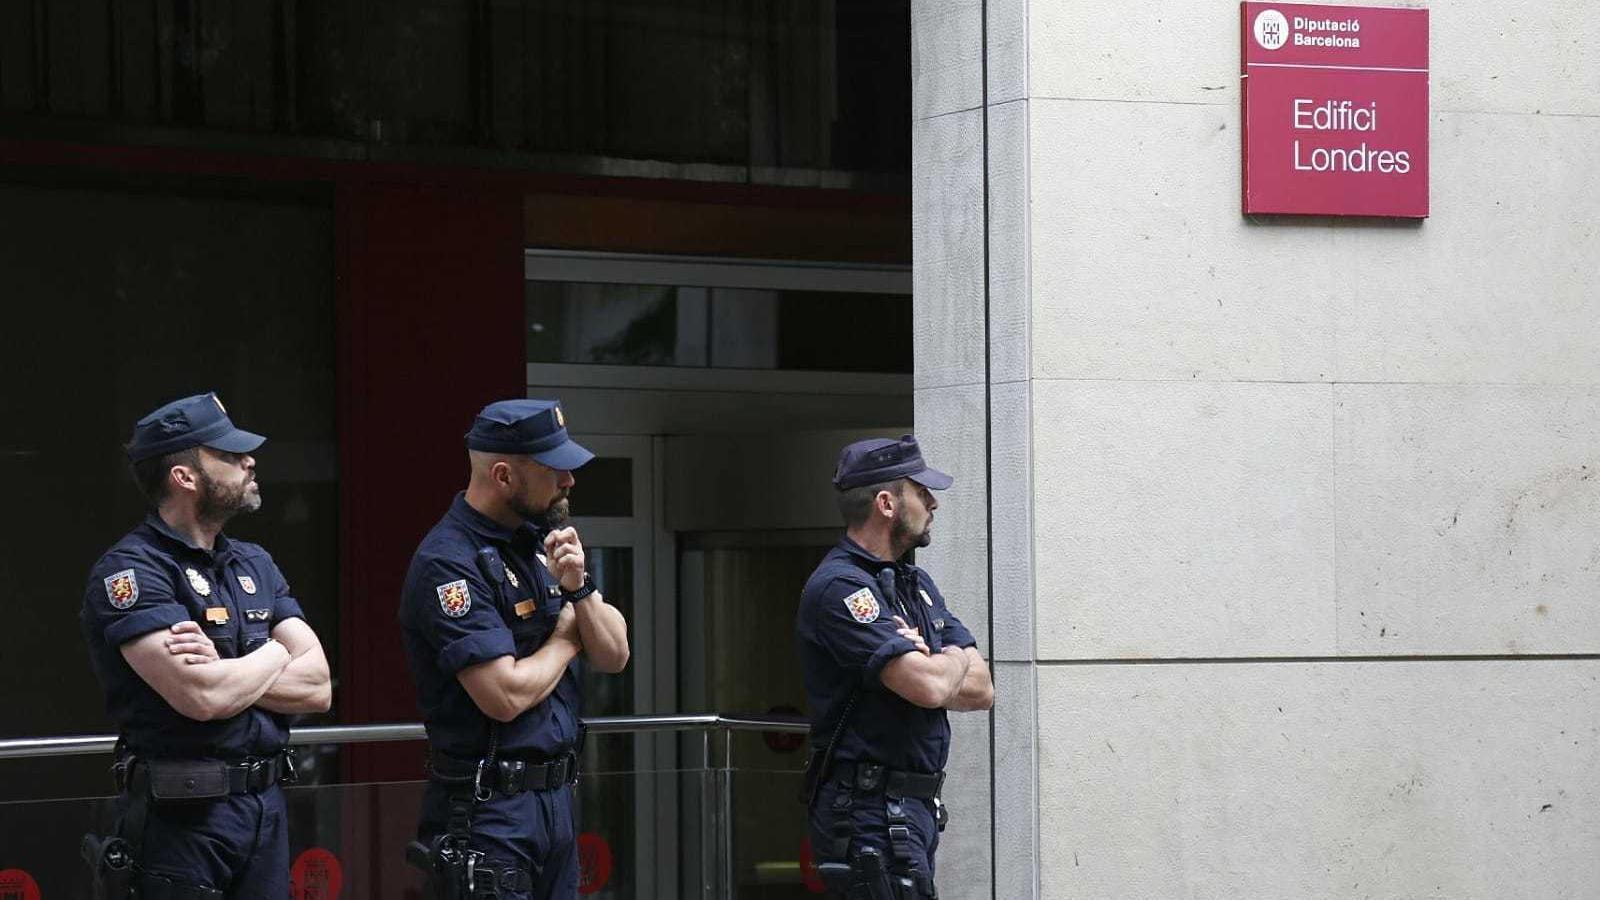 Agents de la Policia Nacional a l'entrada de la seu de la Diputació de Barcelona al carrer Londres de Barcelona